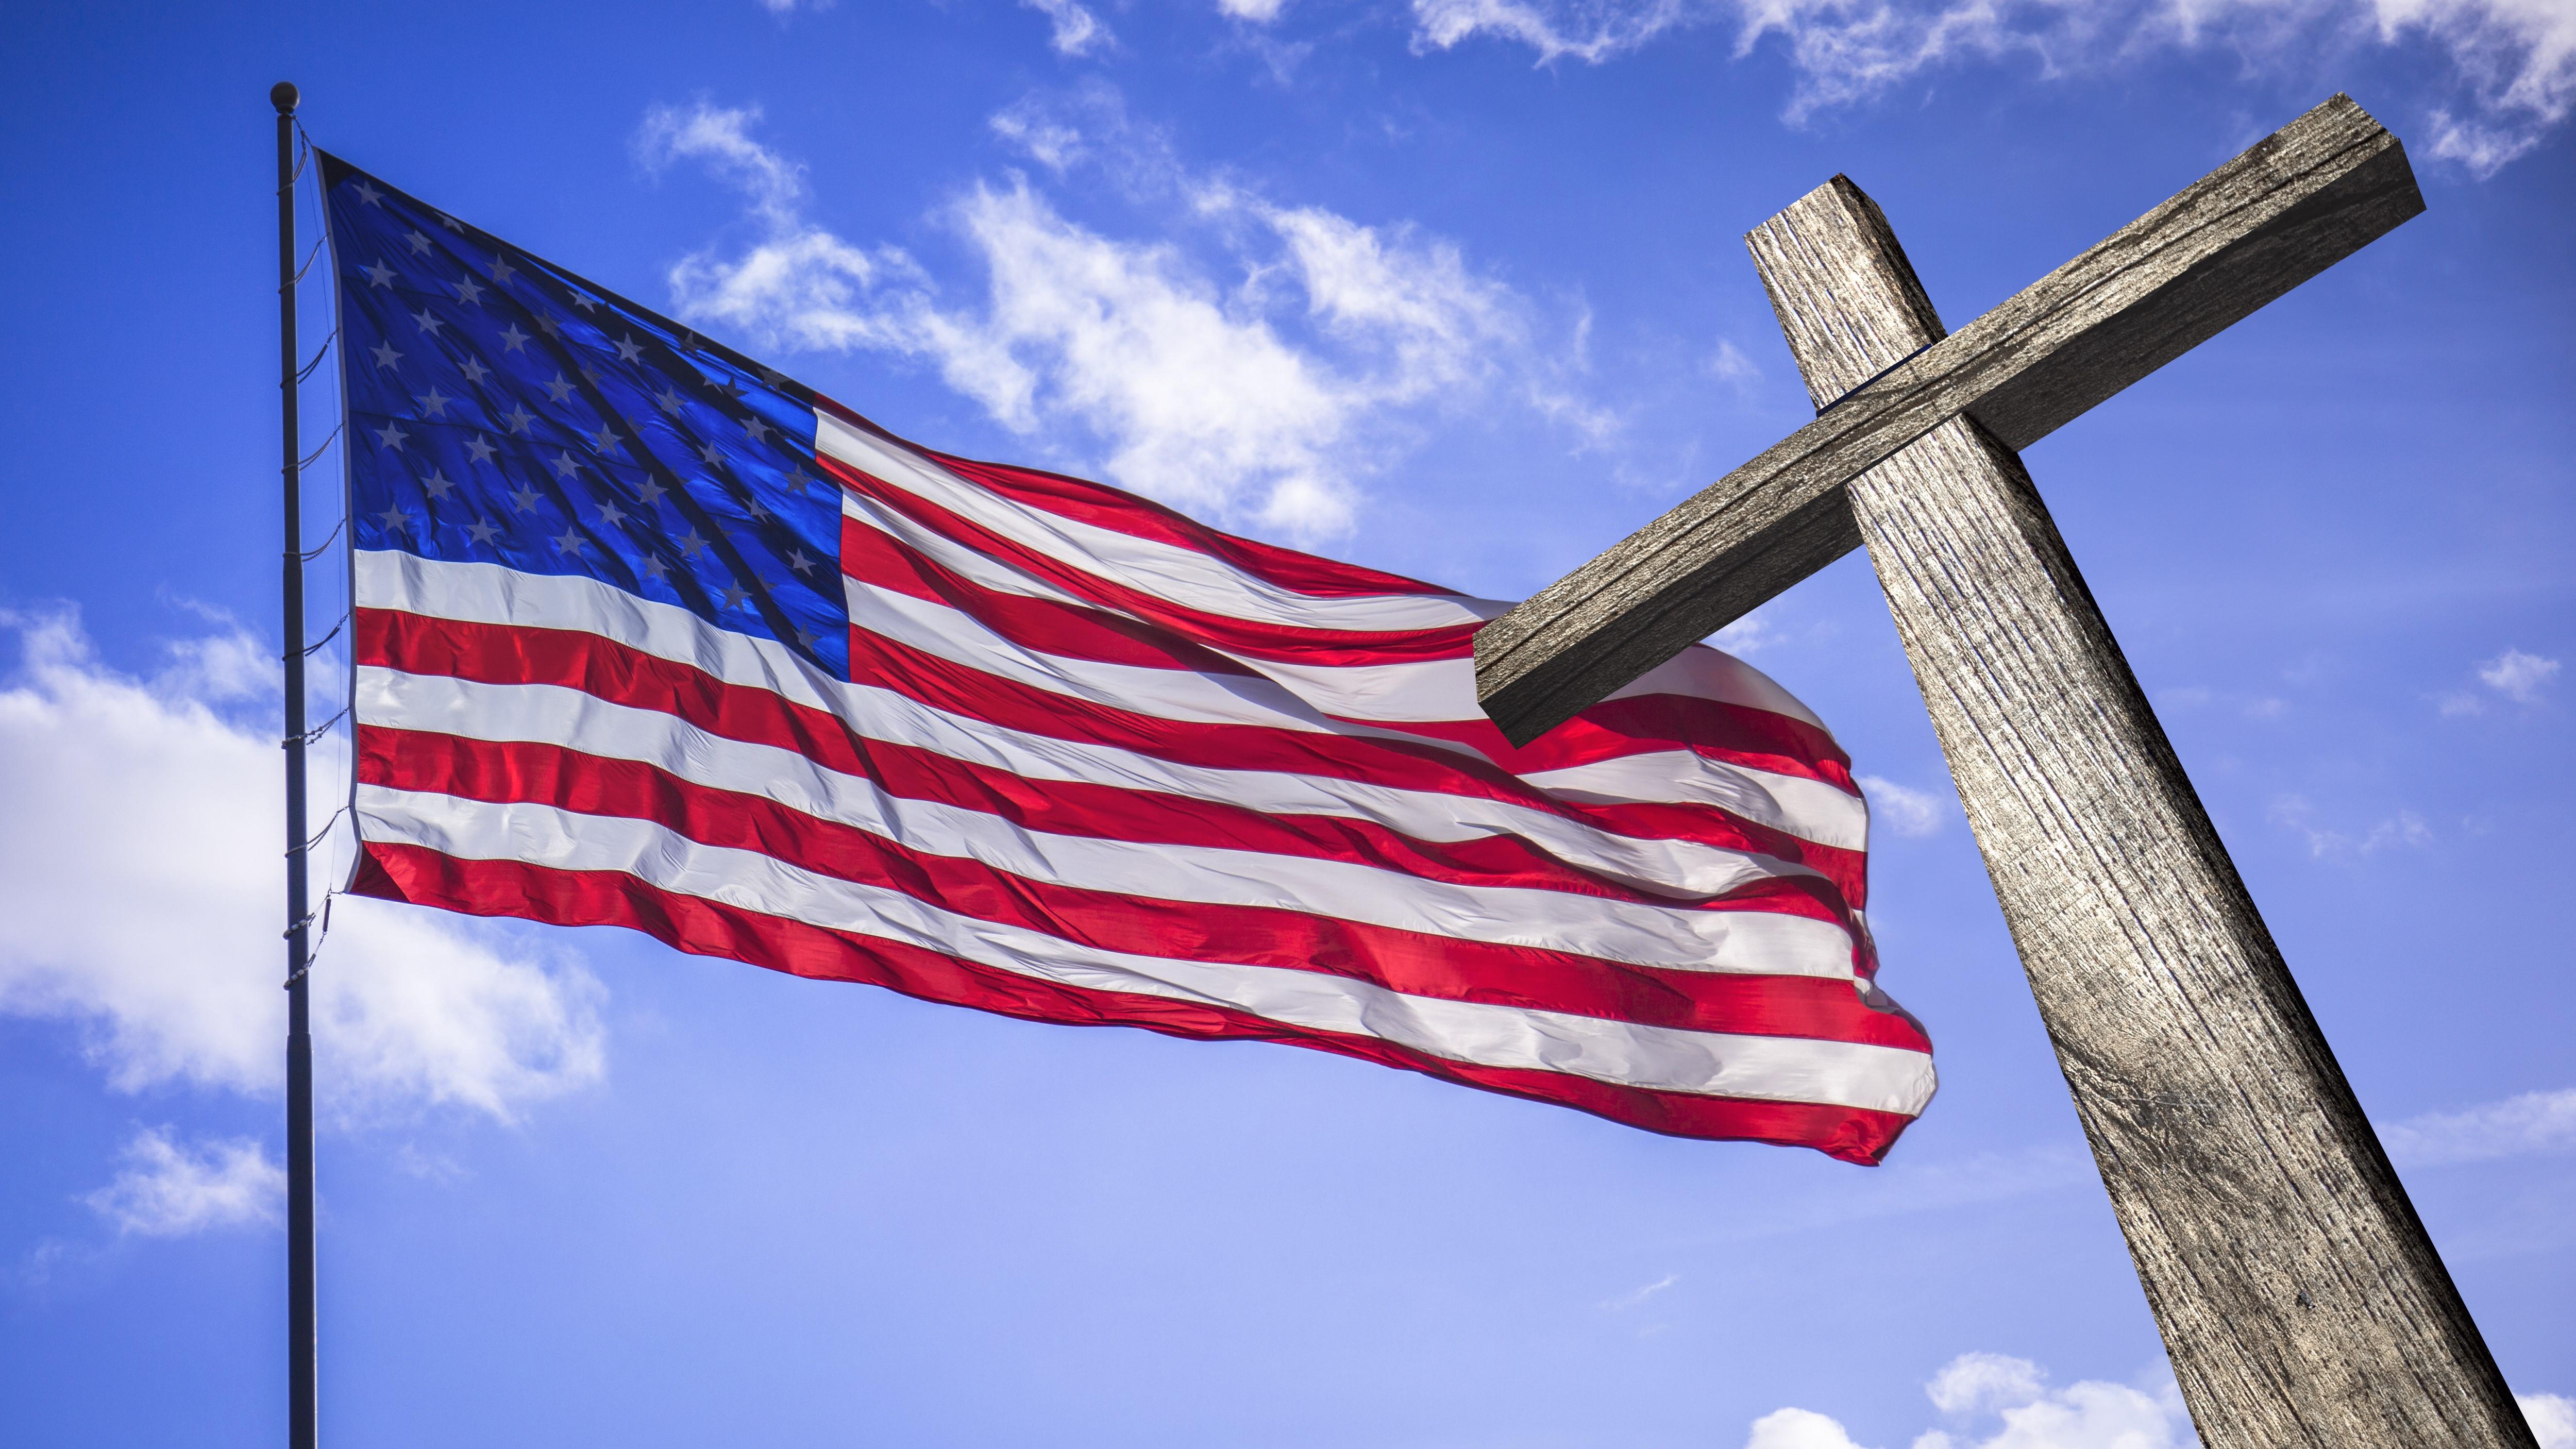 La cruz y la bandera de los Estados Unidos simbolizan el nacionalismo cristiano